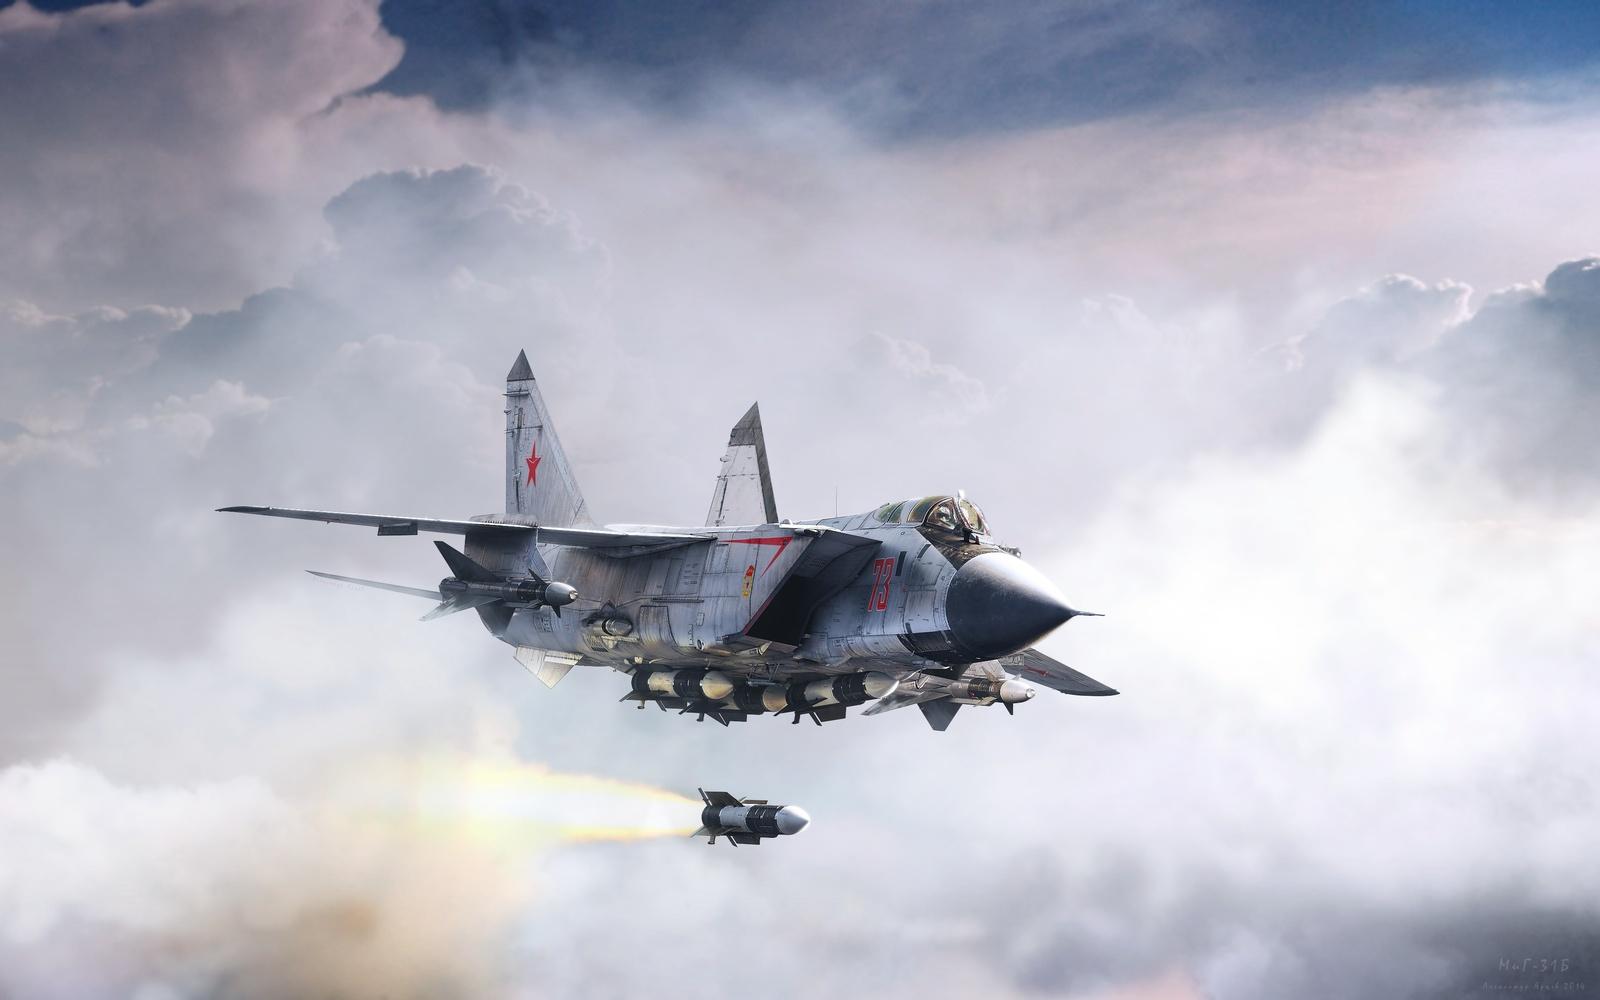 Обои ВВС Румынии, ОКБ Микояна и Гуревича, МиГ-21, pilot, Истребитель. Авиация foto 19